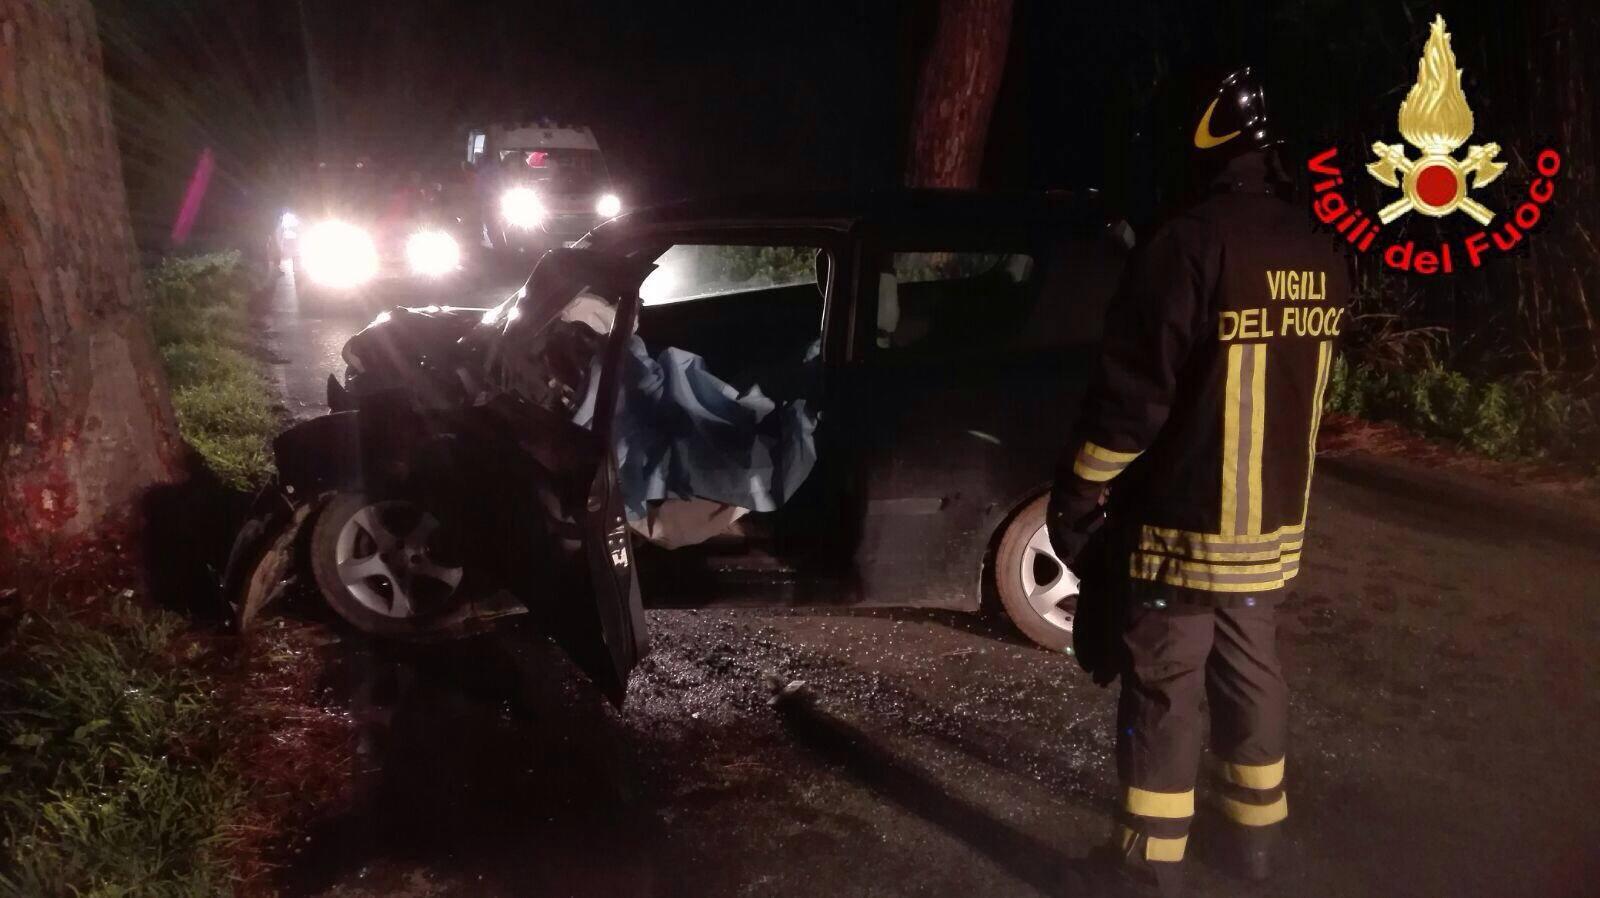 Lecce, tremendo incidente stradale nella notte, muore il 27 enne Anthony Toma, quattro i feriti